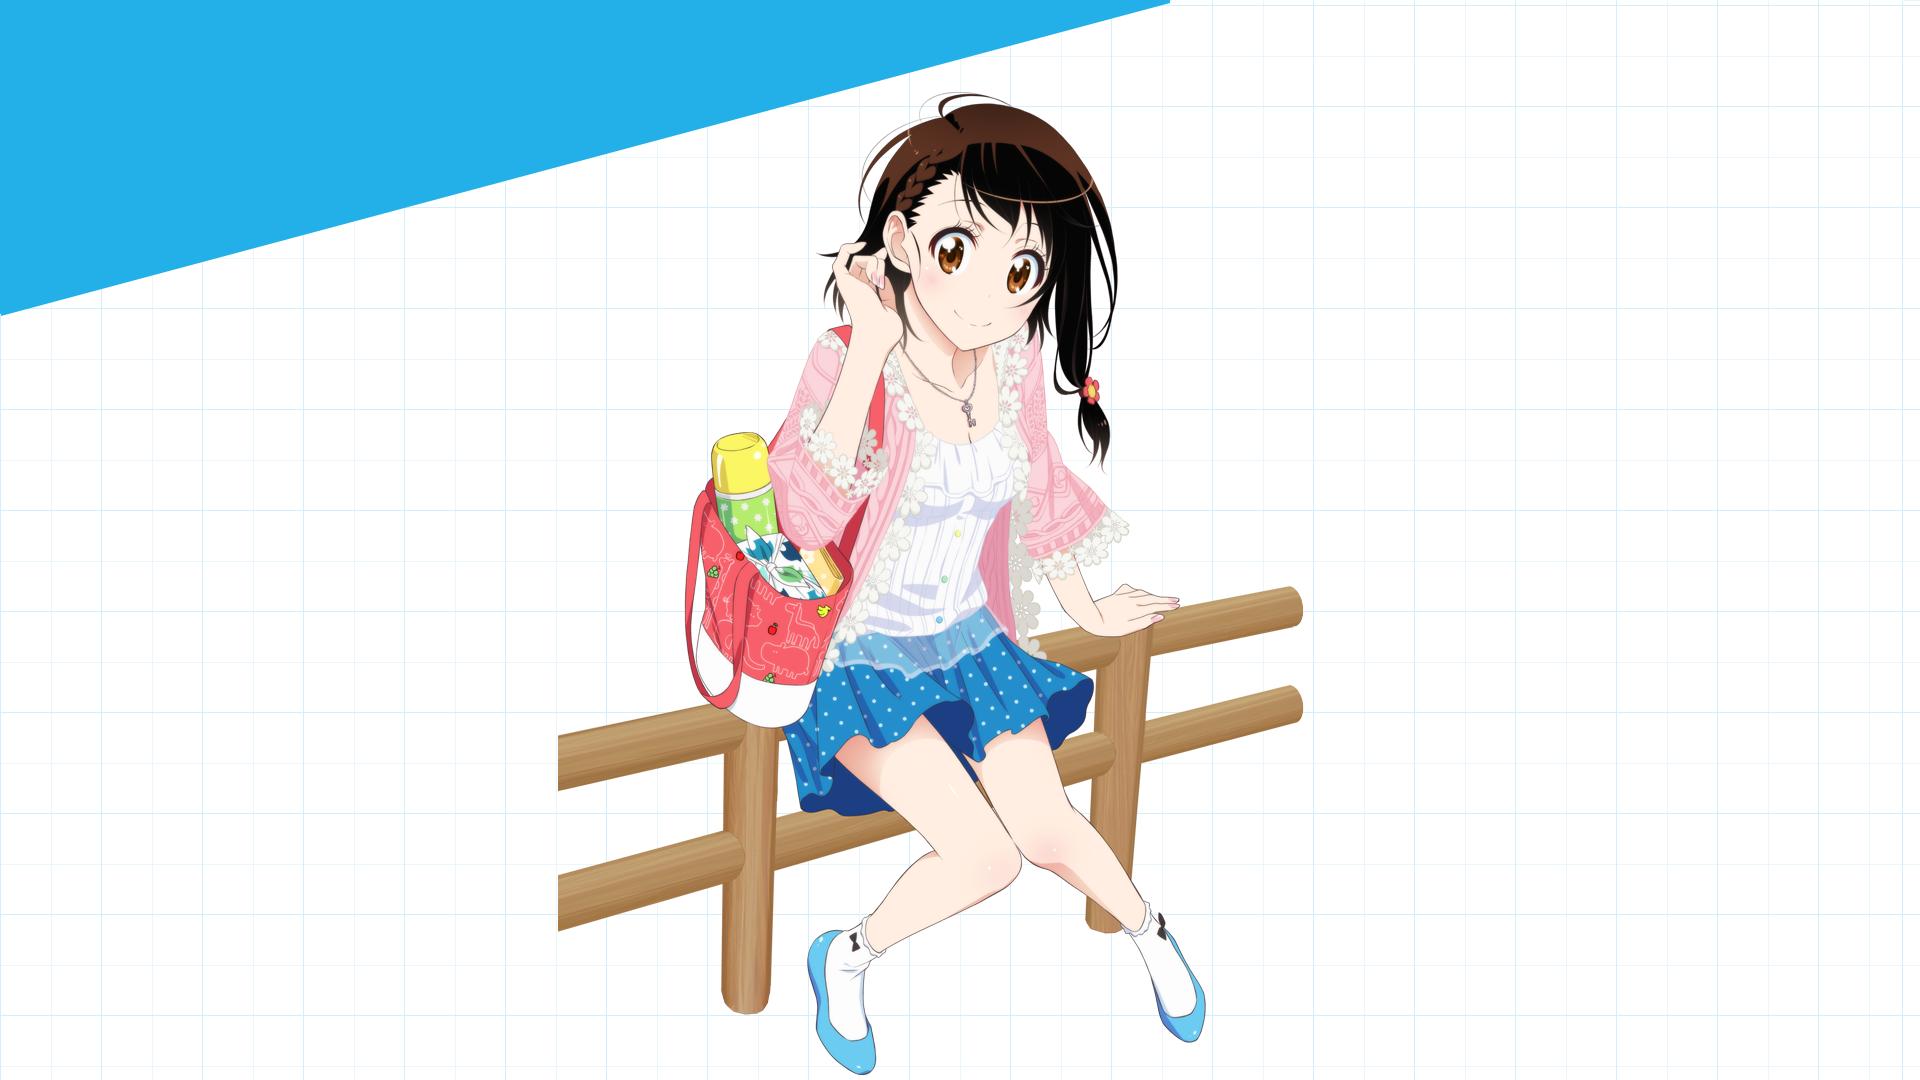 Nisekoi Onodera Kosaki Cute Anime Girl Nisekoi Tv Series